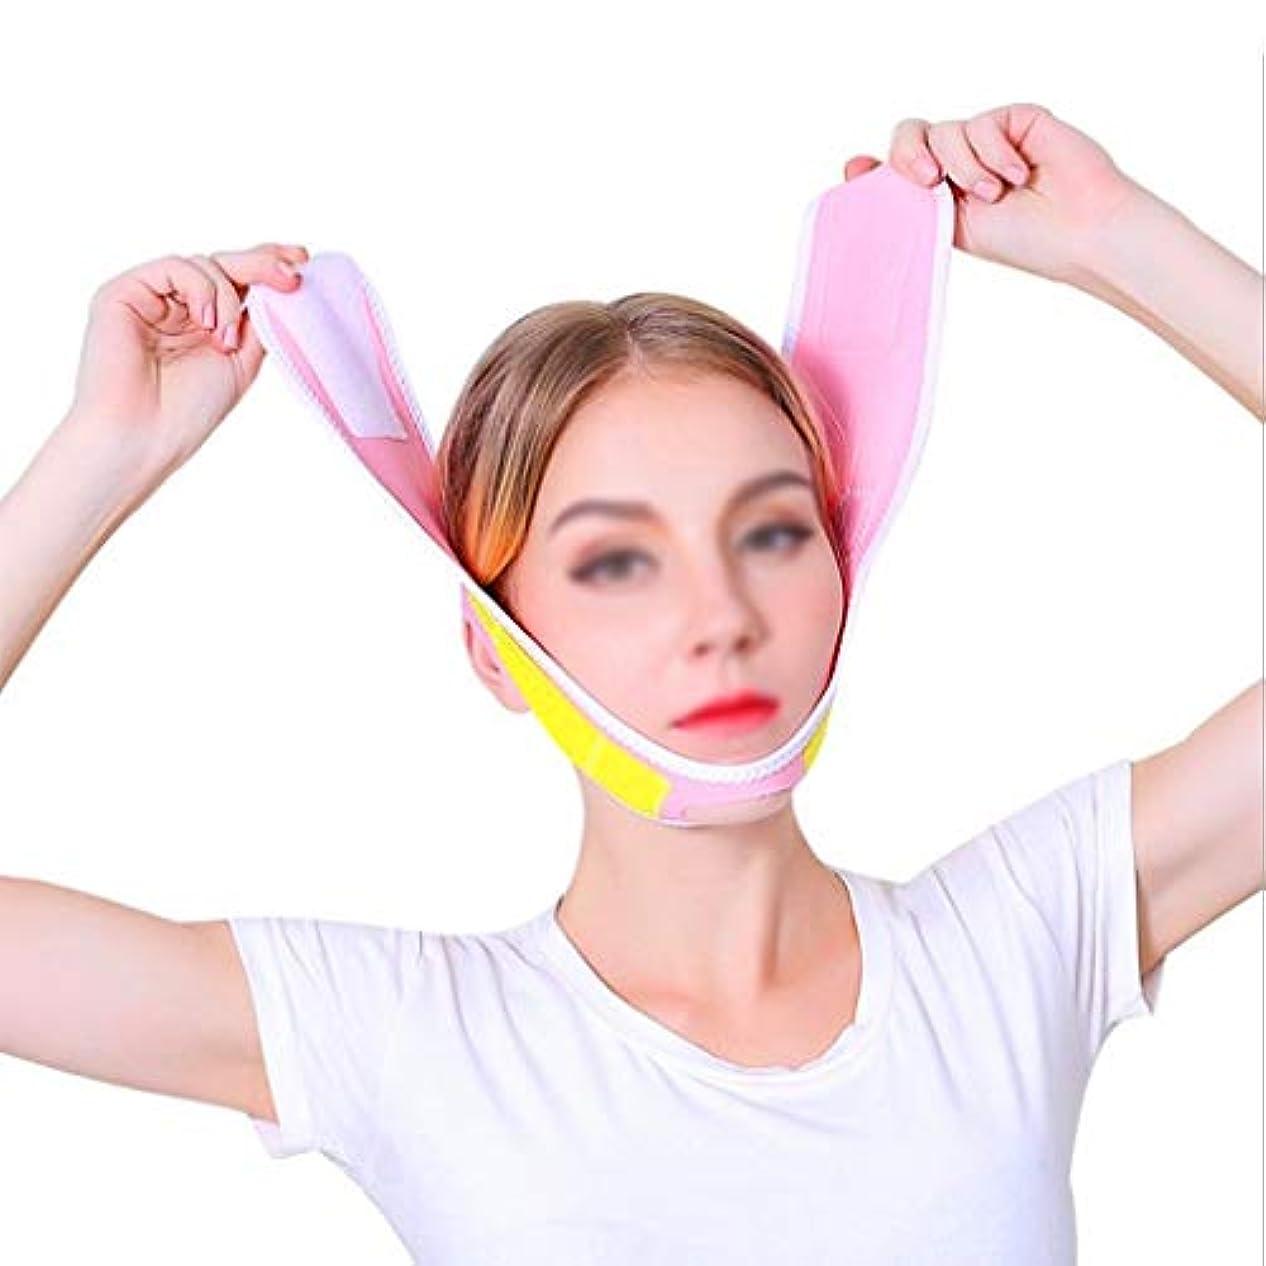 追記列車大整形されたフェイスマスク、顔の引き上げと引き締めを強化する整形、顔の減量抗シワトリートメント、フェイスリフティングと引き締め肌(ピンク、ワンサイズ)